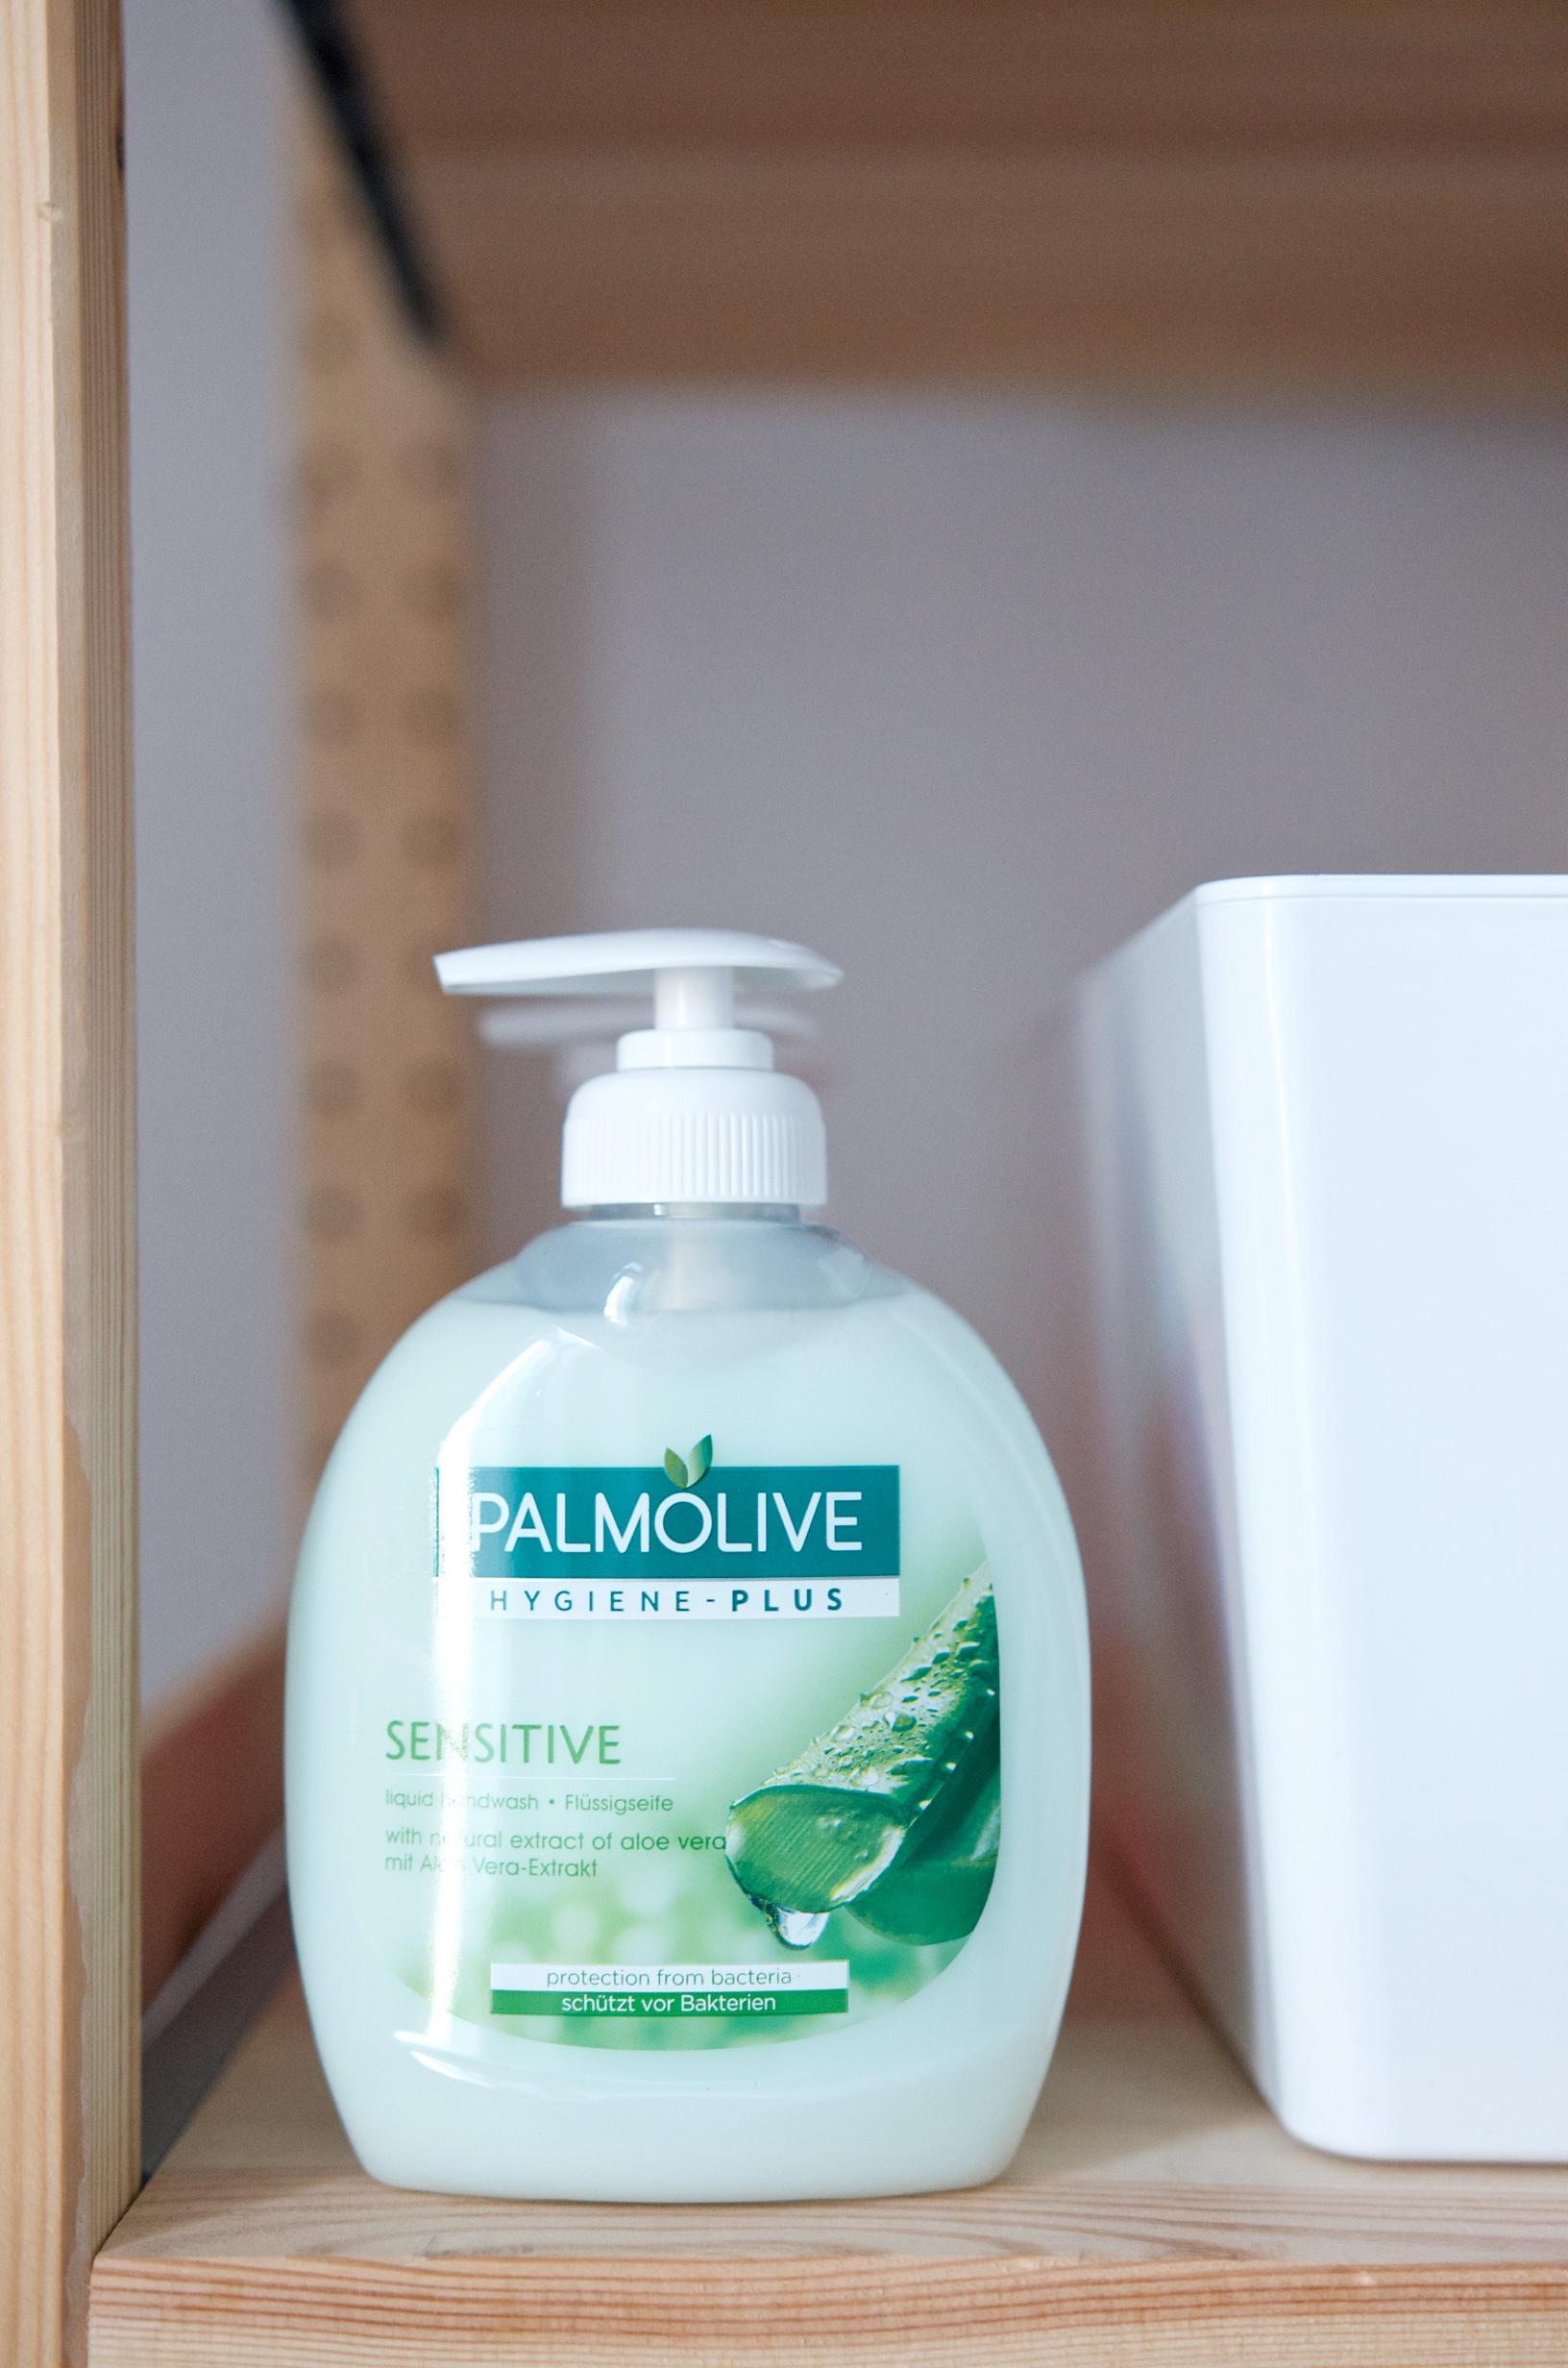 Händewaschen muss sein! Oder? Diskutiert mit #waschdiehände und gewinnt 1000 Euro Reisegutschein